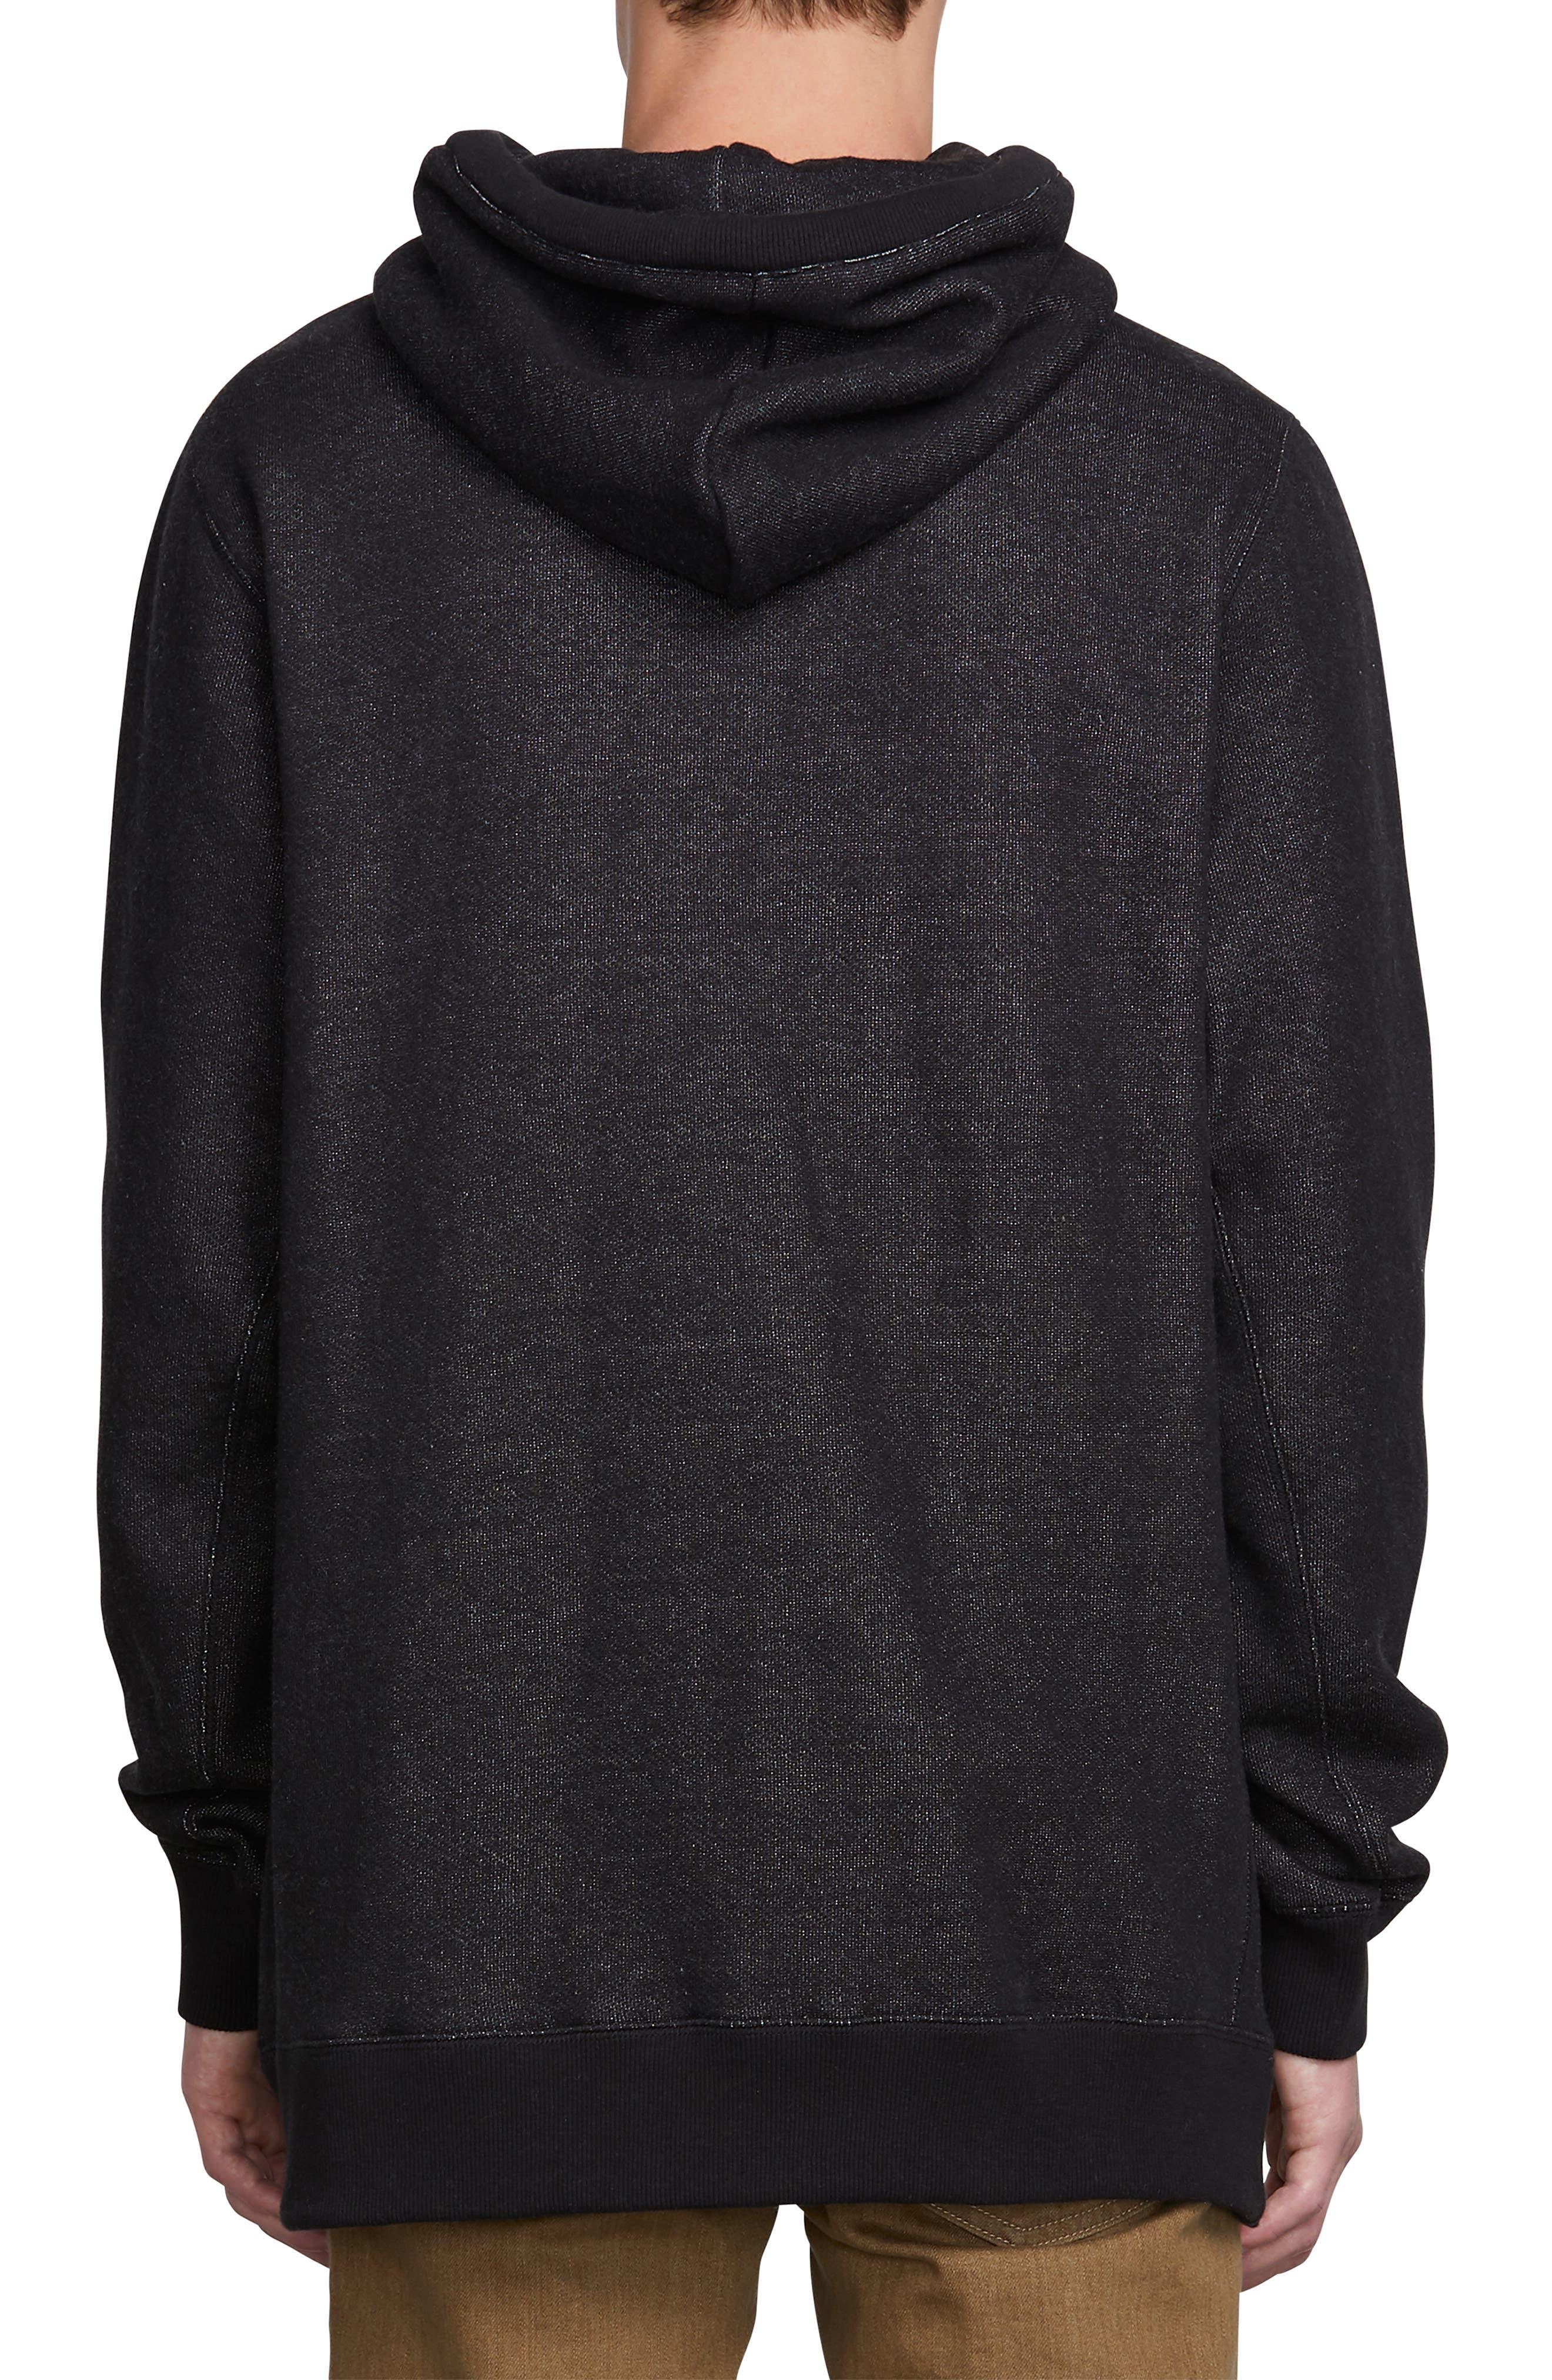 Coder Hoodie Sweatshirt,                             Alternate thumbnail 2, color,                             BLACK